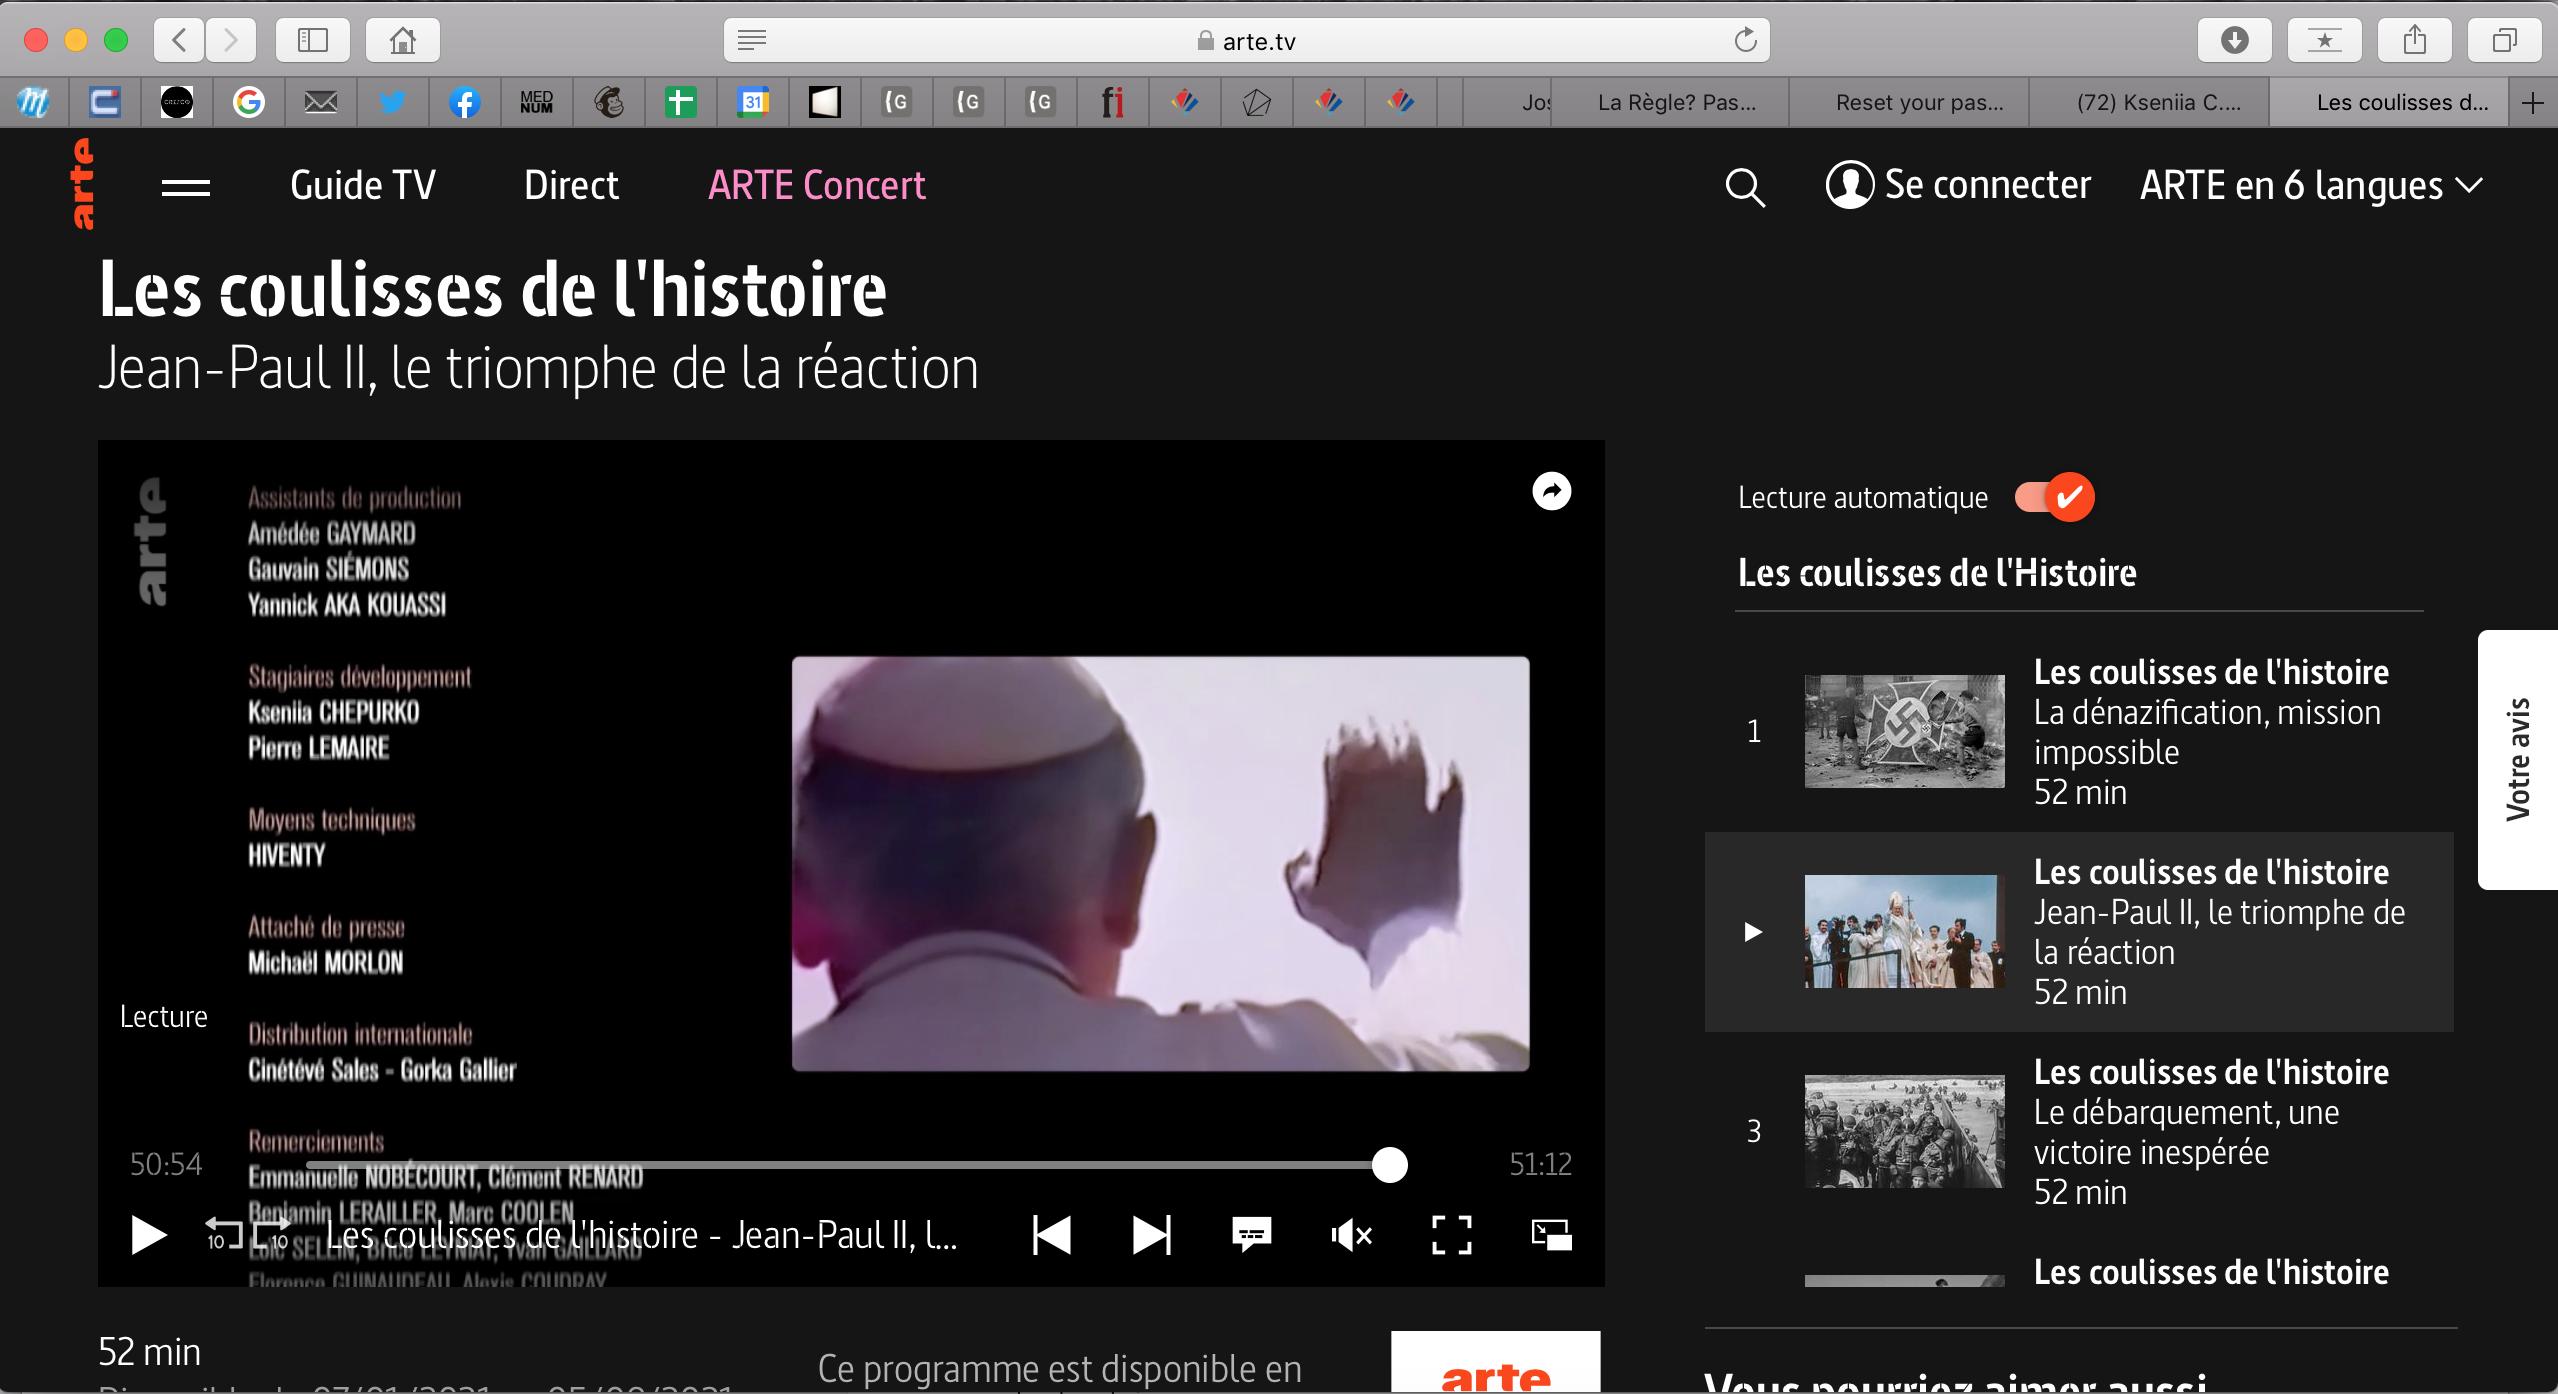 Les coulisses de l'histoire : Jean-Paul II, le triomphe de la réaction